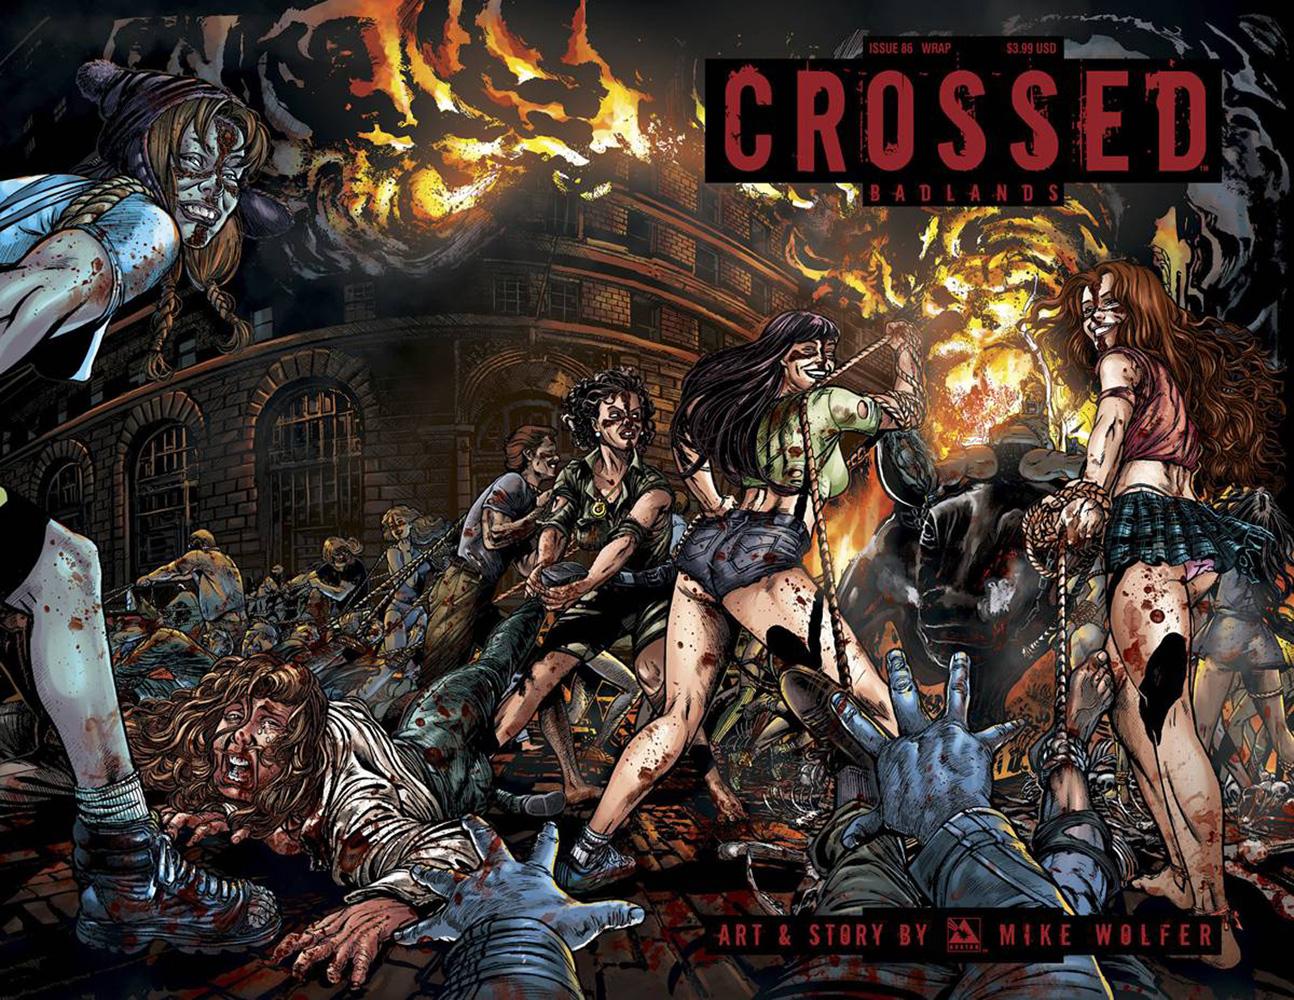 crossed  badlands  86  variant cover